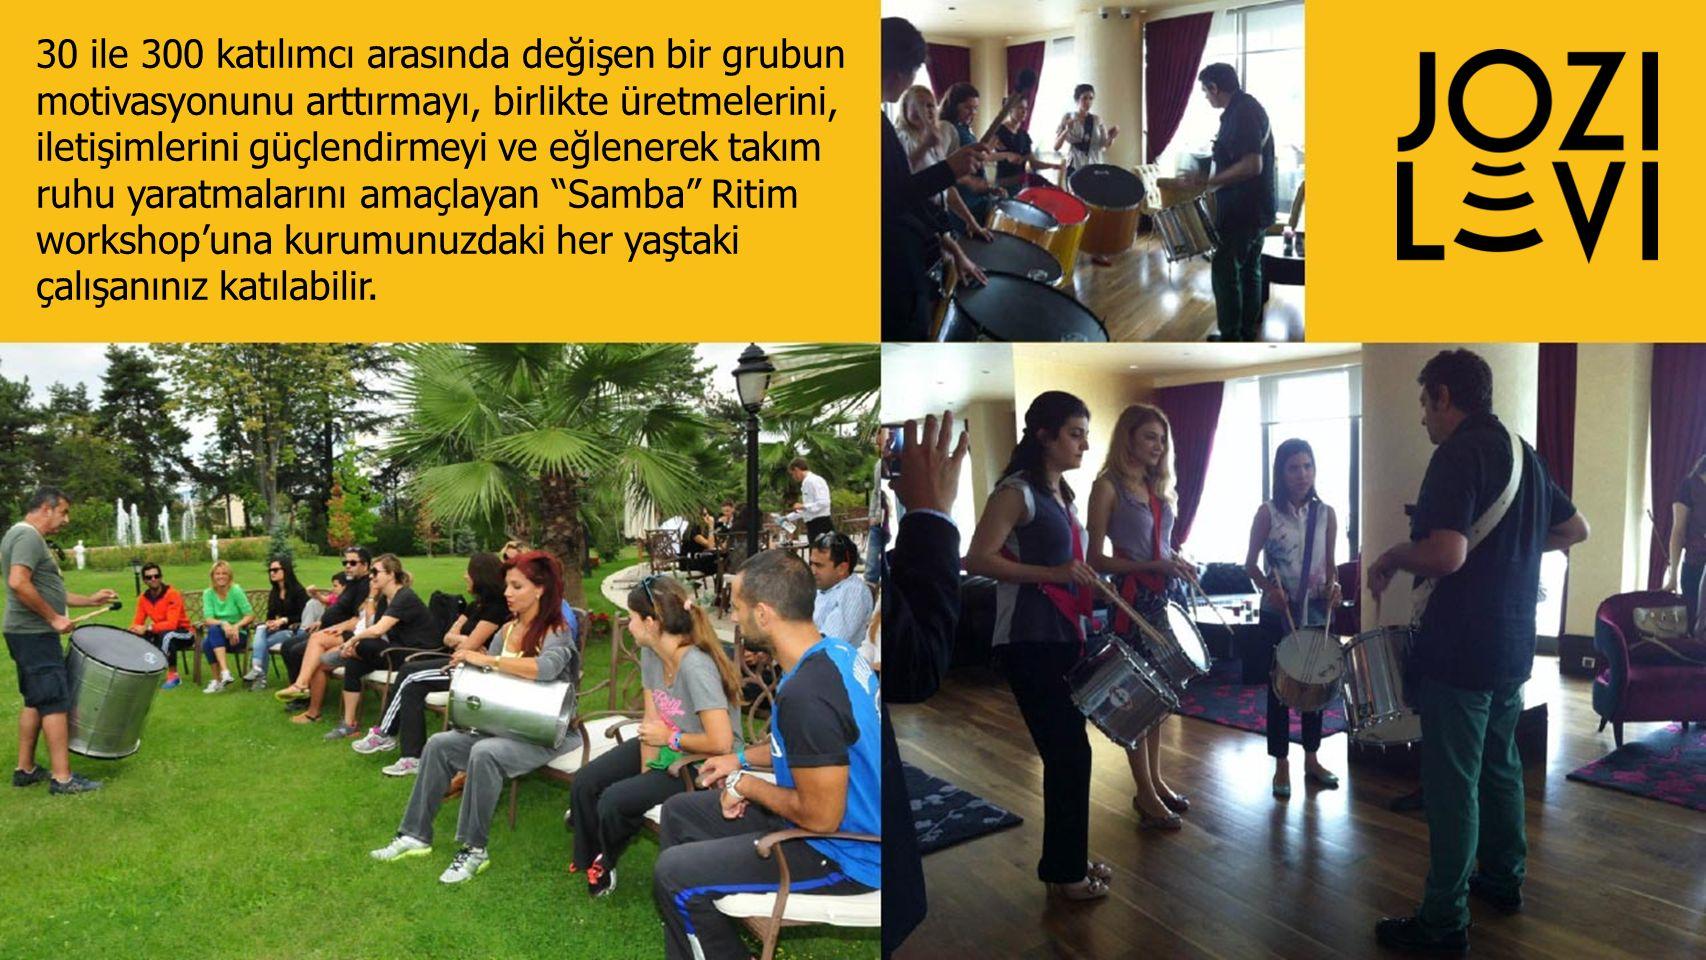 30 ile 300 katılımcı arasında değişen bir grubun motivasyonunu arttırmayı, birlikte üretmelerini, iletişimlerini güçlendirmeyi ve eğlenerek takım ruhu yaratmalarını amaçlayan Samba Ritim workshop'una kurumunuzdaki her yaştaki çalışanınız katılabilir.